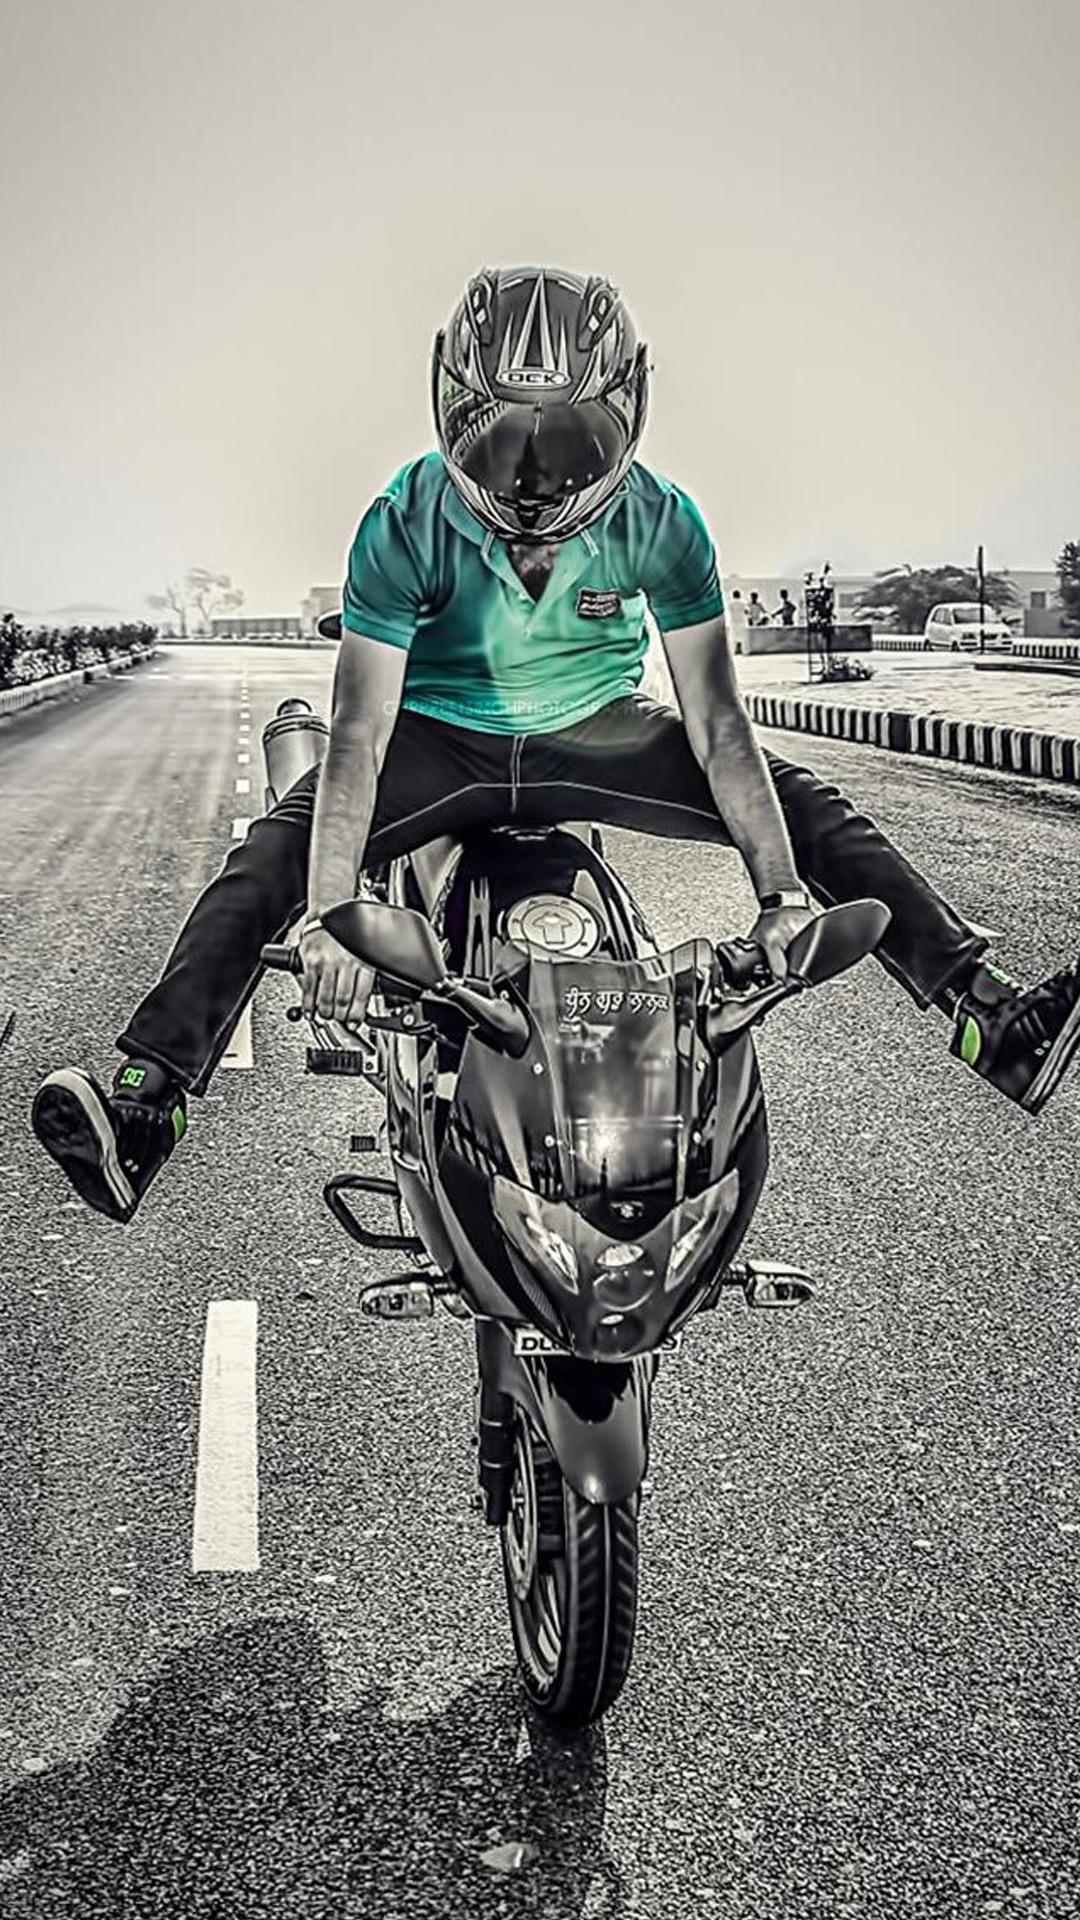 摩托车 公路 赛车 苹果手机高清壁纸 1080x1920_爱思